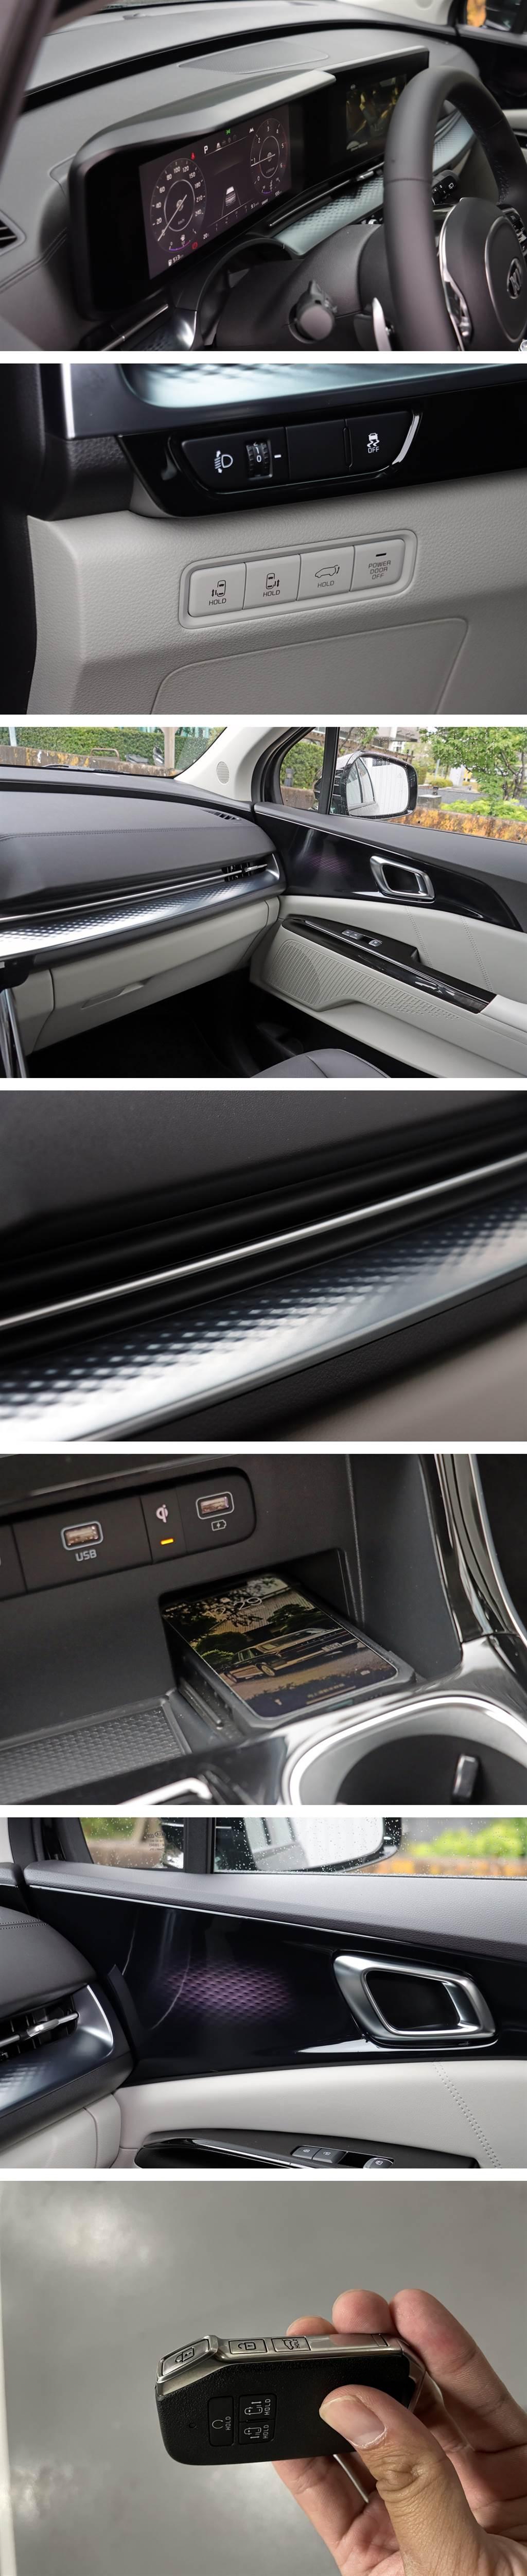 只要鑰匙在身上,即可在無須碰觸車門的條件下,打開側滑門、尾門,甚至是預先啟動引擎(長按上鎖鍵,2秒內按下 Hold)。